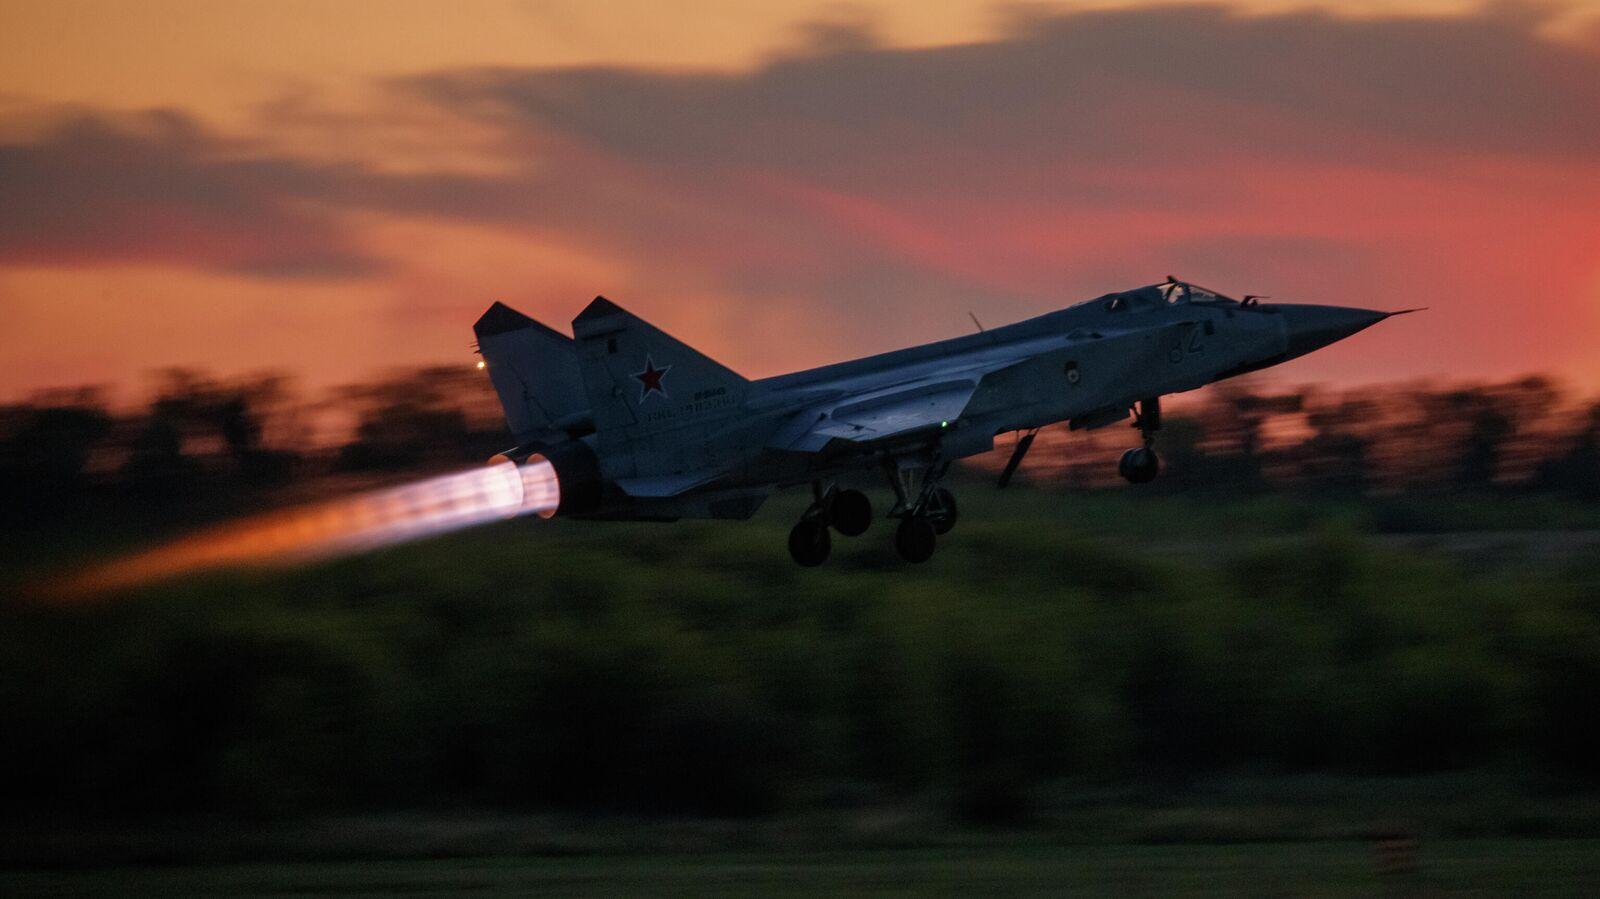 Обои ввс, миг-31, перехватчик, россии, истребитель, Самолёт. Авиация foto 11